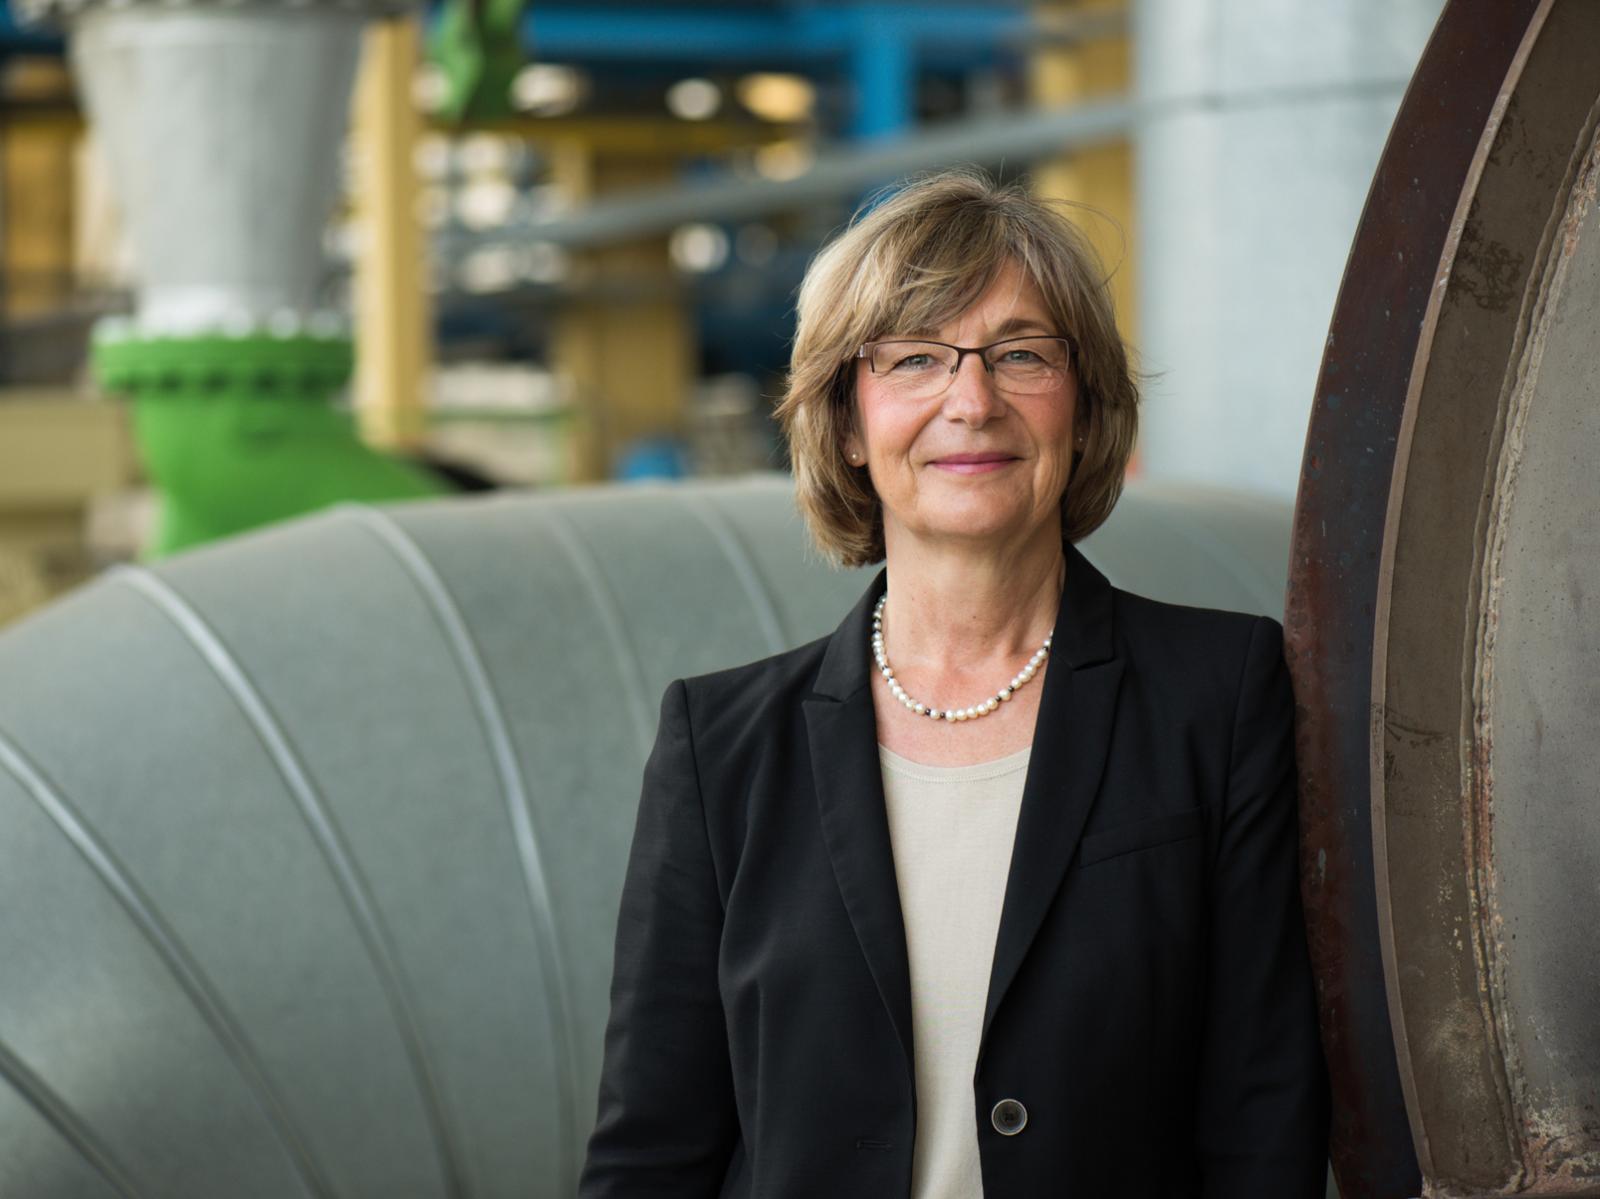 Vorstands-Mitglied Stadtwerke Rostock, Ute Römer; Foto: Margit Wild